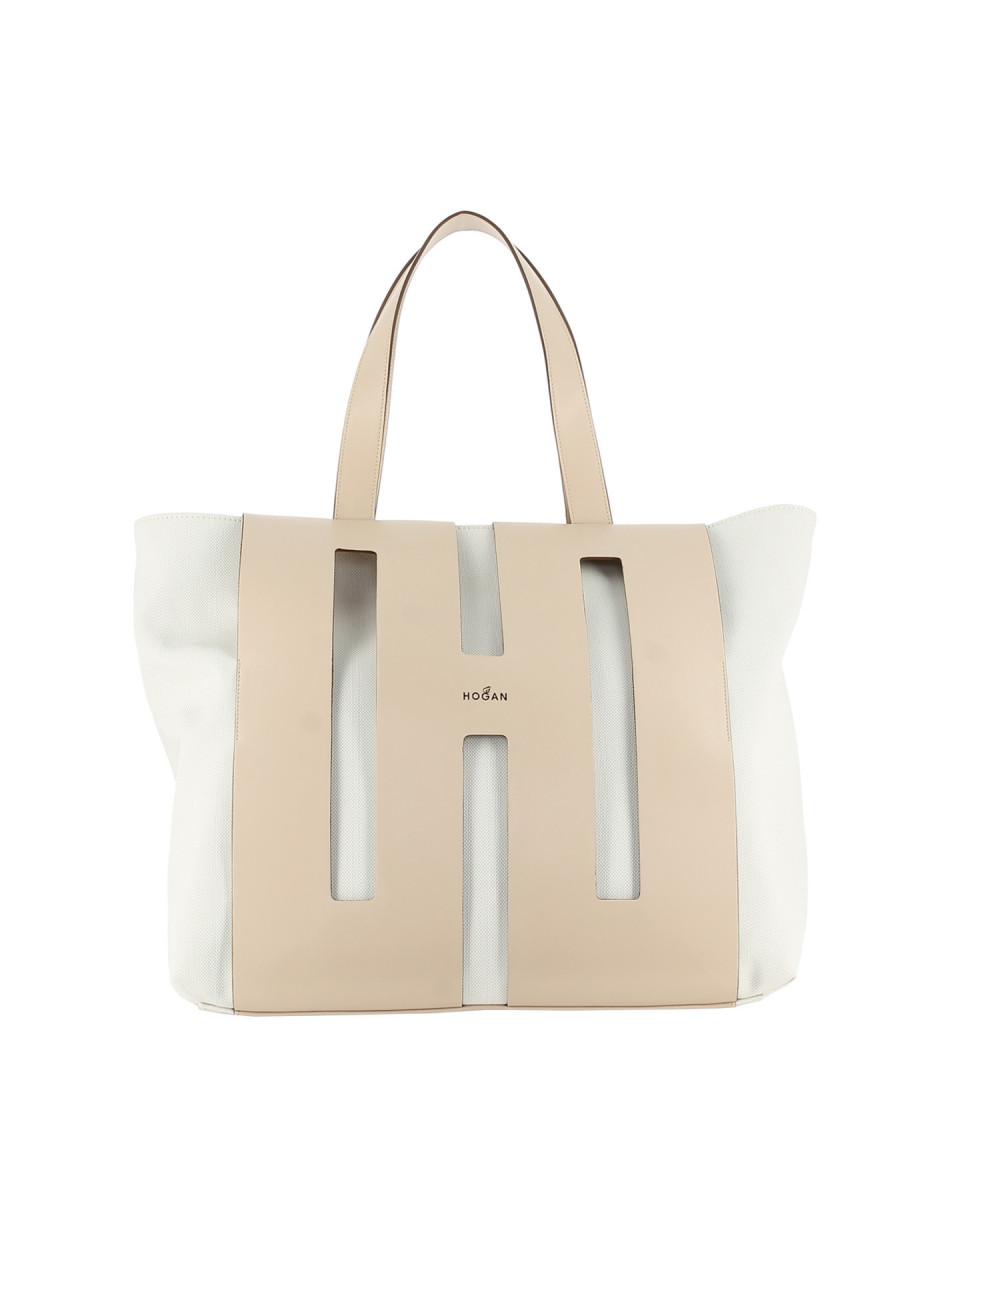 Borsa Bi-Bag shopping Hogan